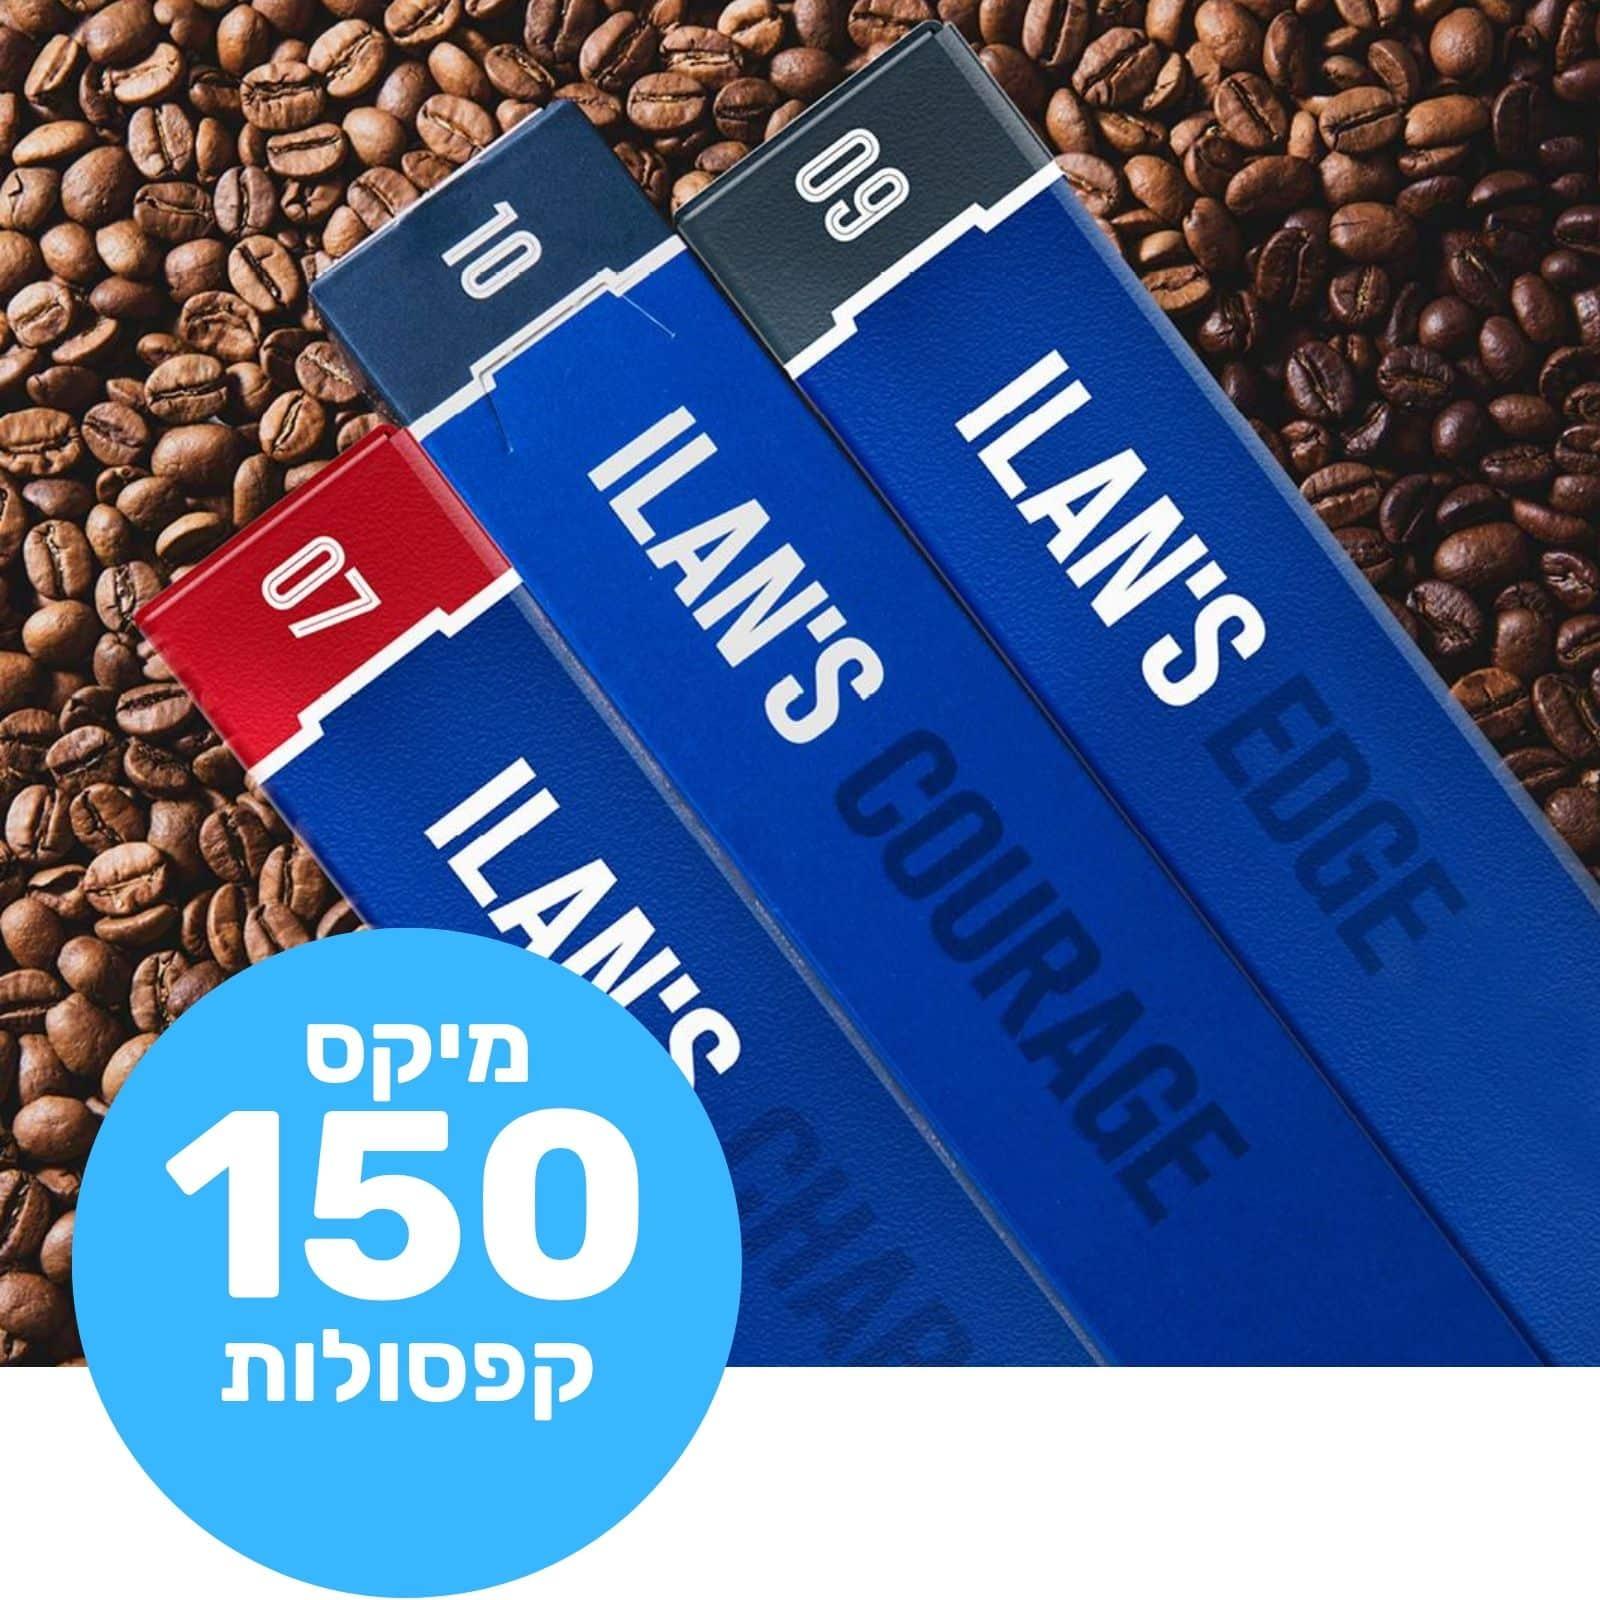 מיקס 150 קפסולות קפה אילנס